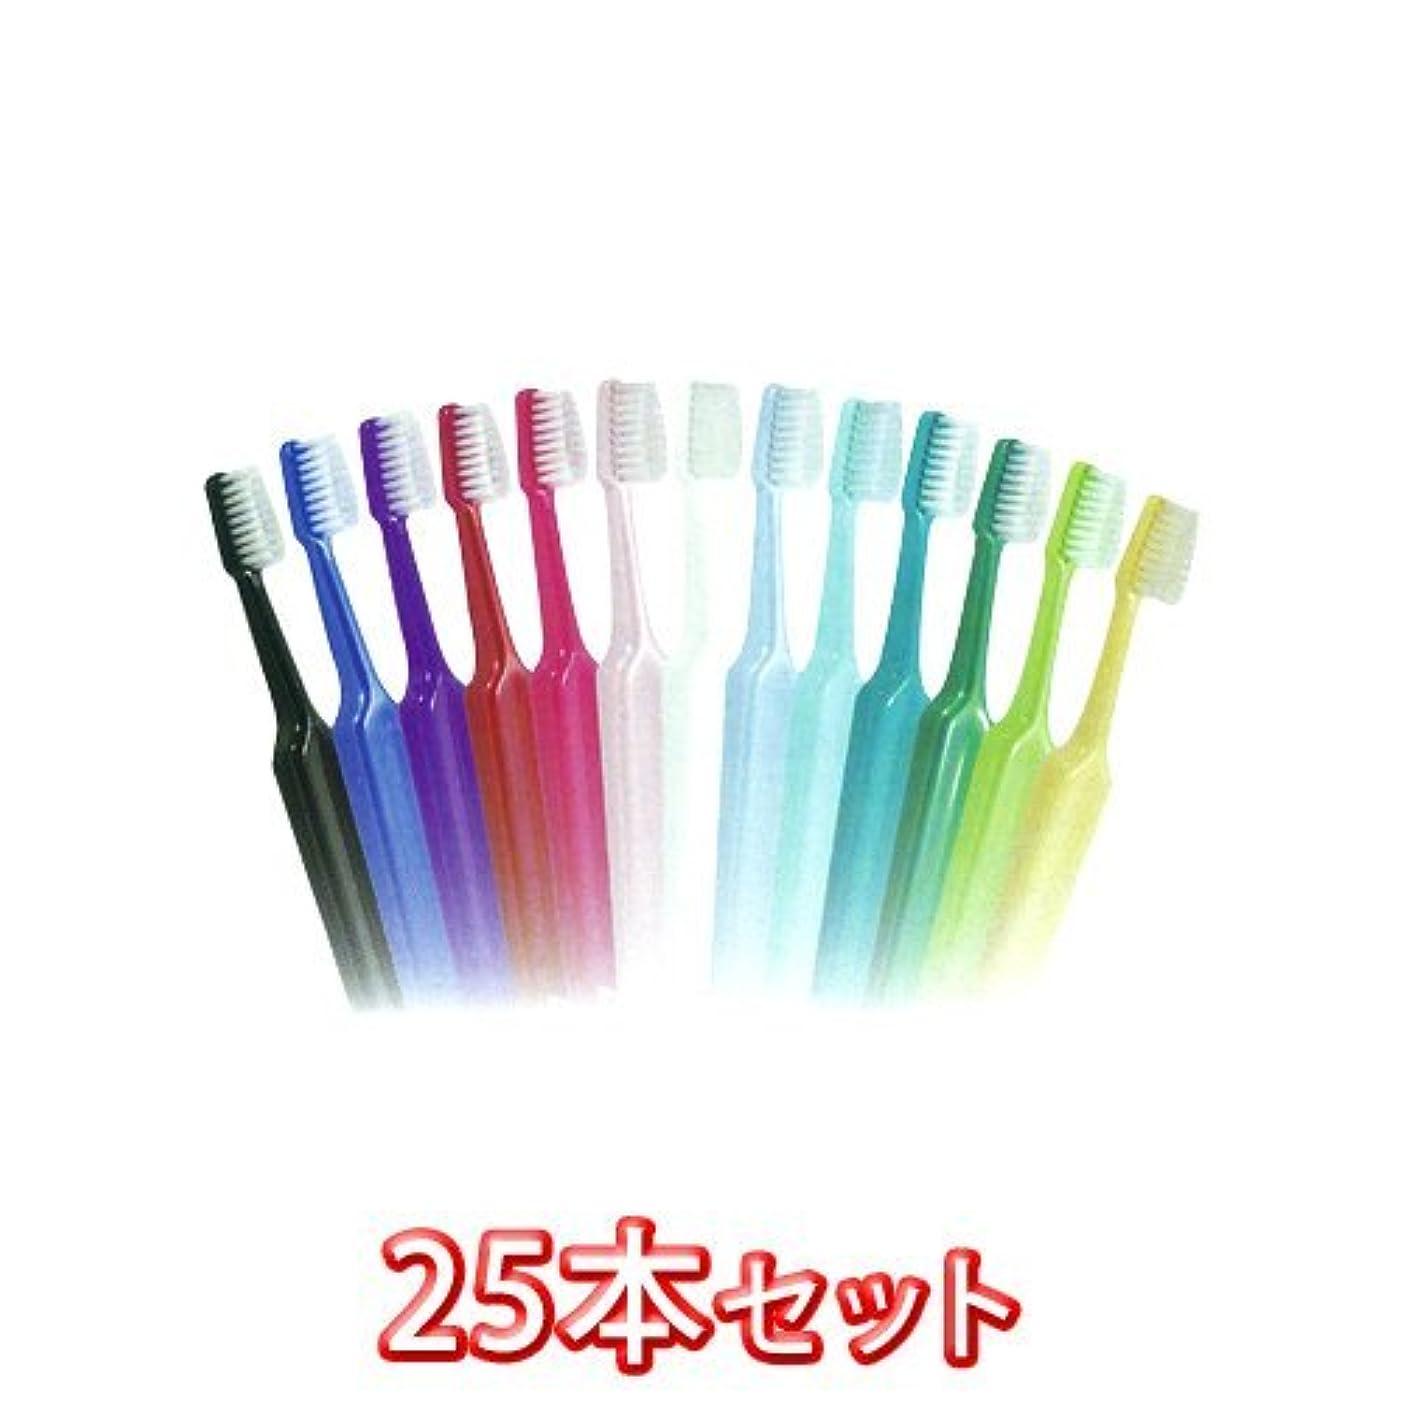 疑わしい溢れんばかりの欠伸TePeテペセレクトコンパクト歯ブラシ 25本(コンパクトエクストラソフト)